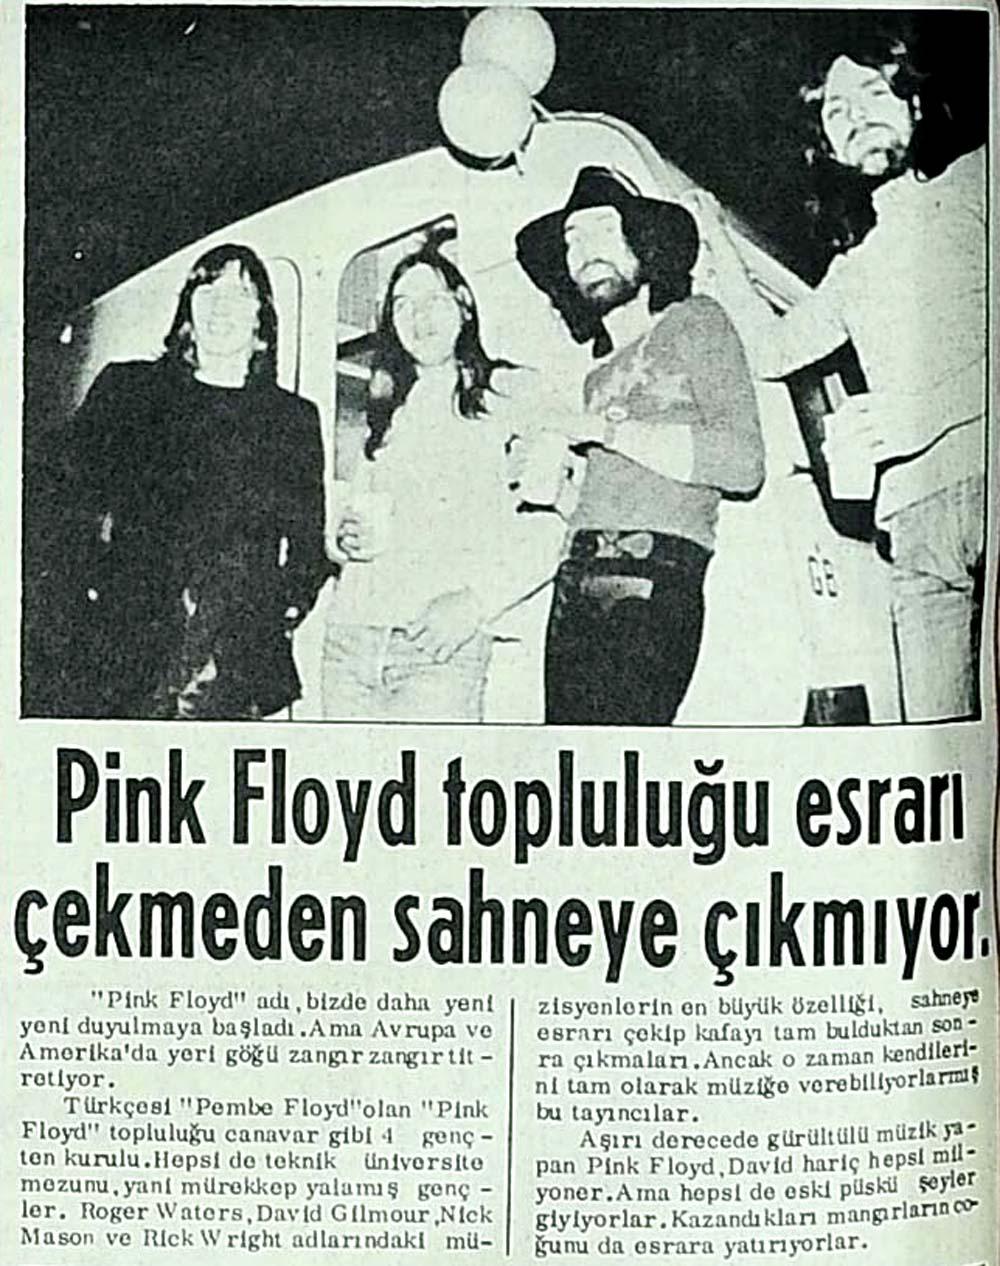 Pink Floyd topluluğu esrarı çekmeden sahneye çıkmıyor